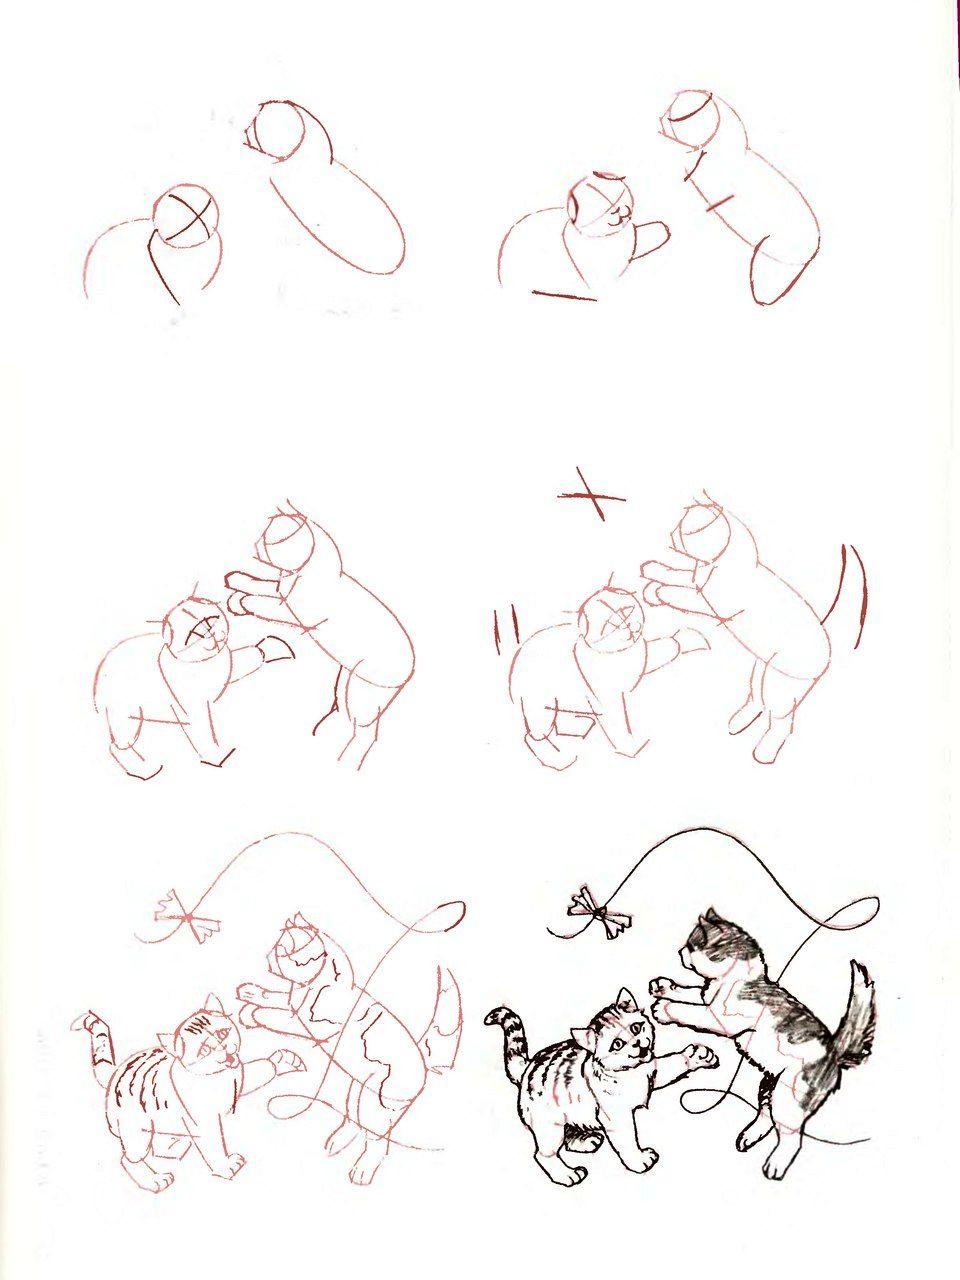 Как научиться рисовать в домашних условиях? - TheQuestion 58